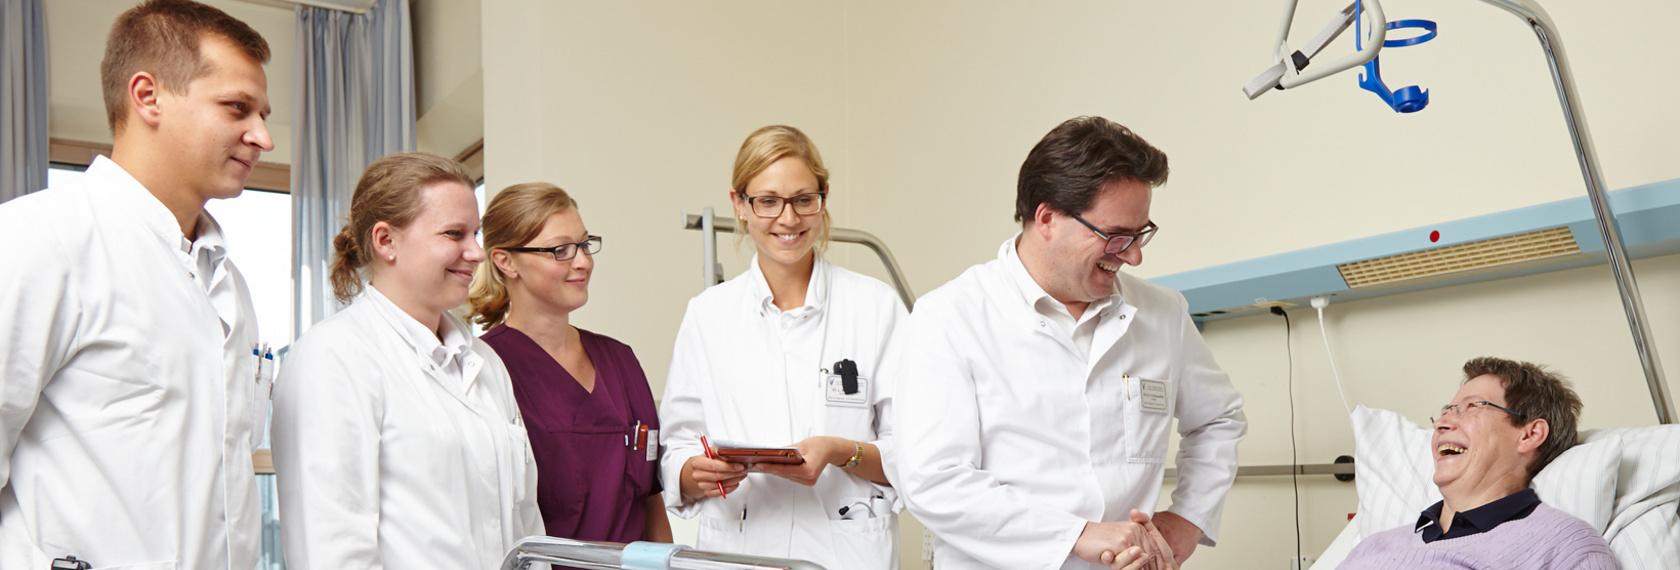 Ein Team aus Ärzten und Pflegepersonal führt die Visite in einem Patientenzimmer durch